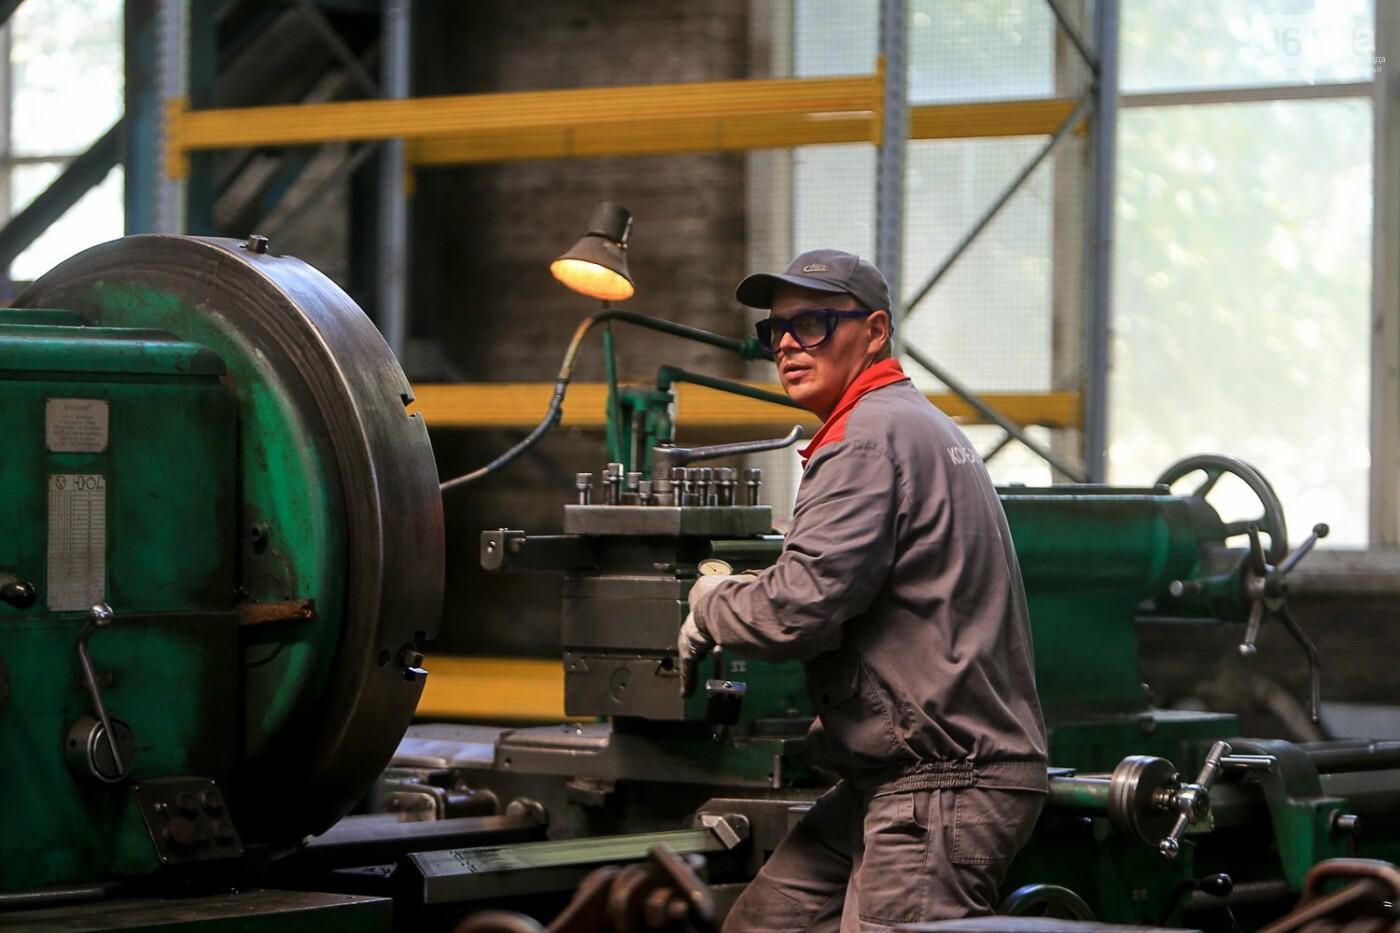 Как в Запорожье работает крупнейший в Европе завод по производству кранов: экскурсия на производство, — ФОТОРЕПОРТАЖ, фото-48